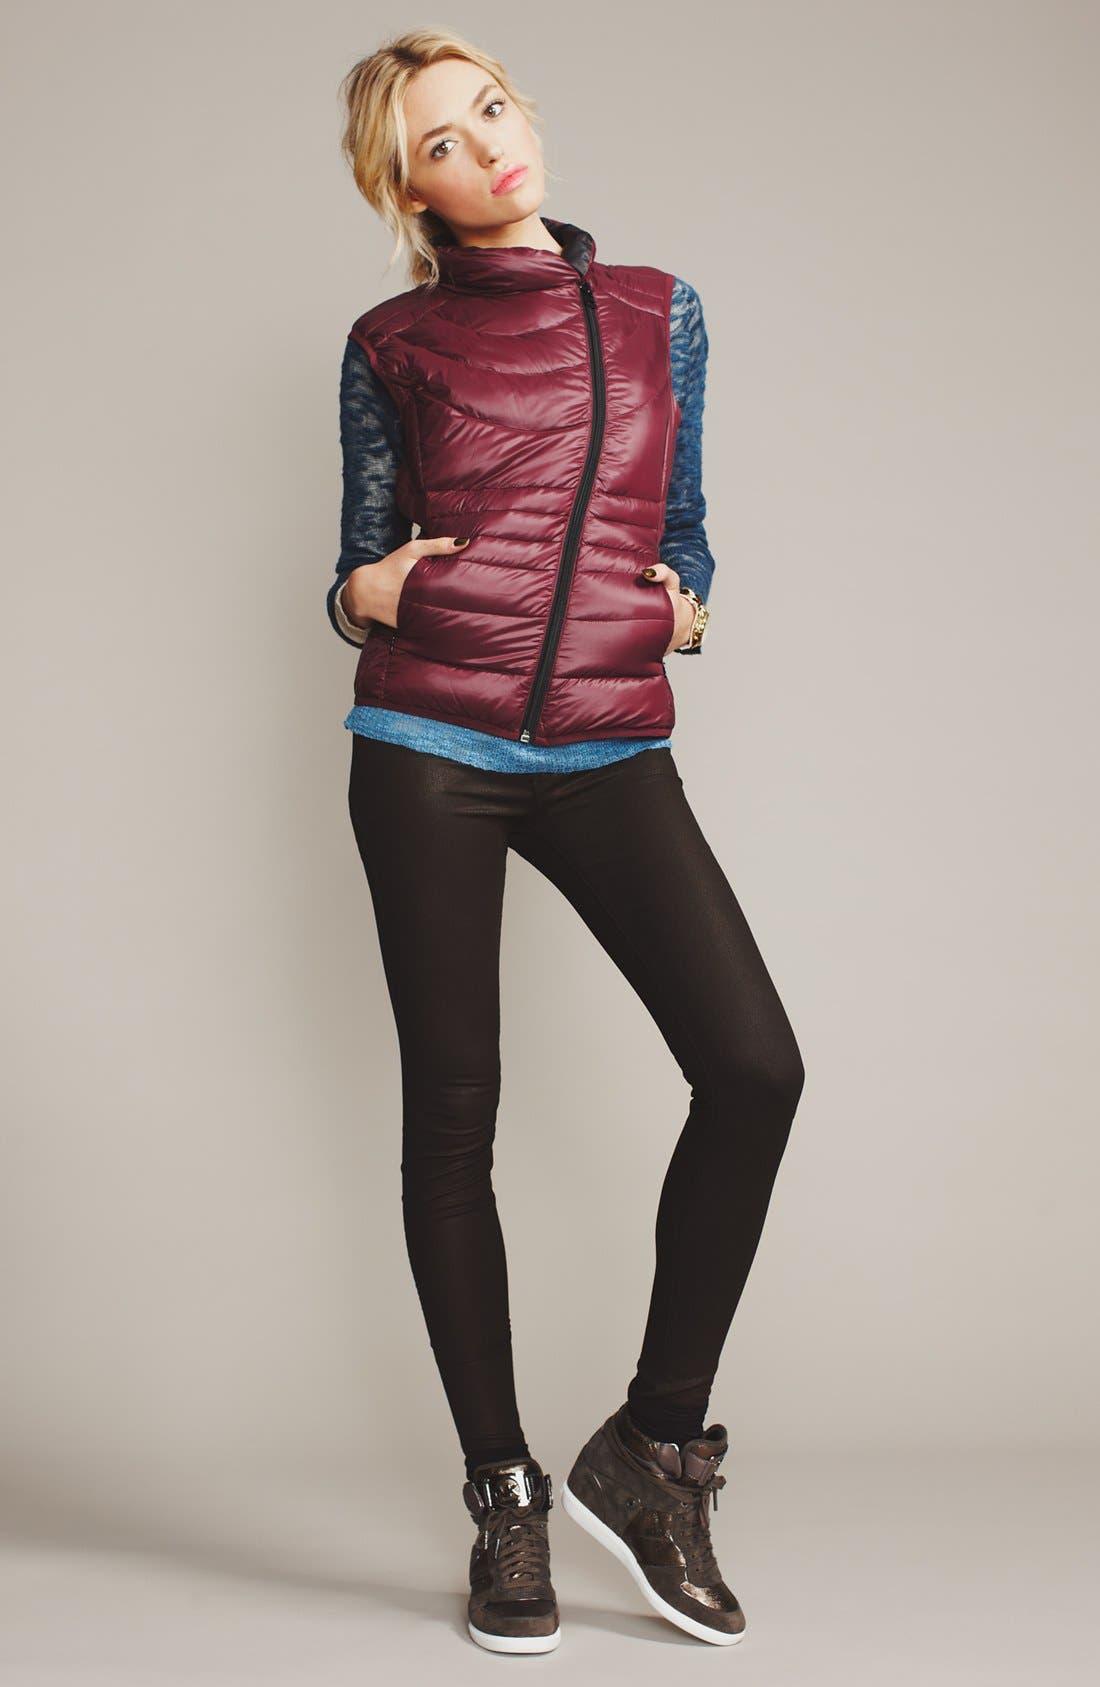 Main Image - Bernardo Down Vest, Kensie Sweaters & J Brand Skinny Jeans